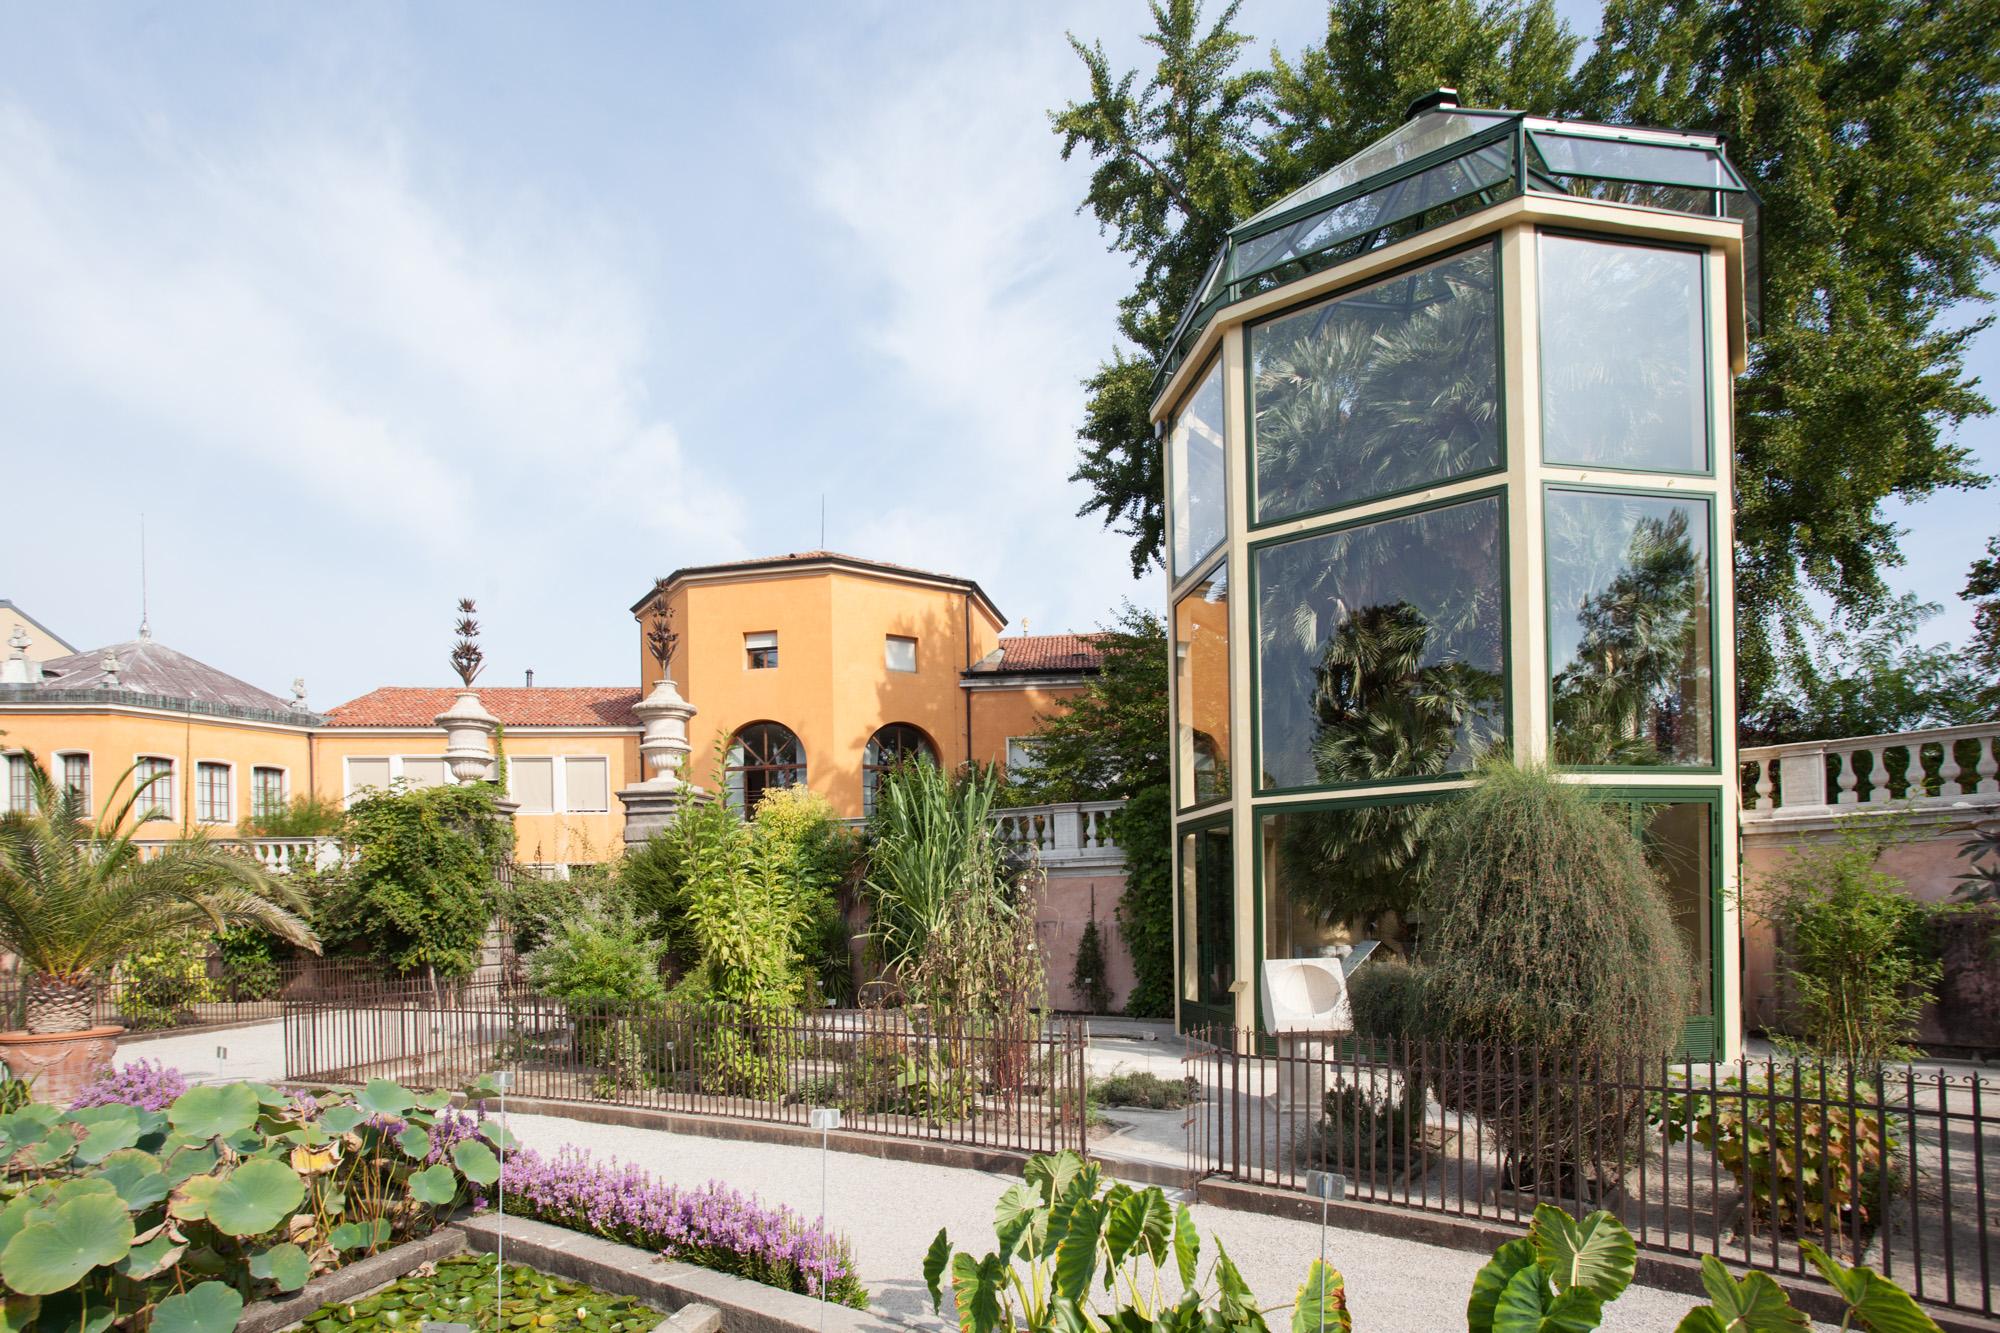 Palma di Goethe, una nuova serra per valorizzarla | Giuseppe Zaccaria